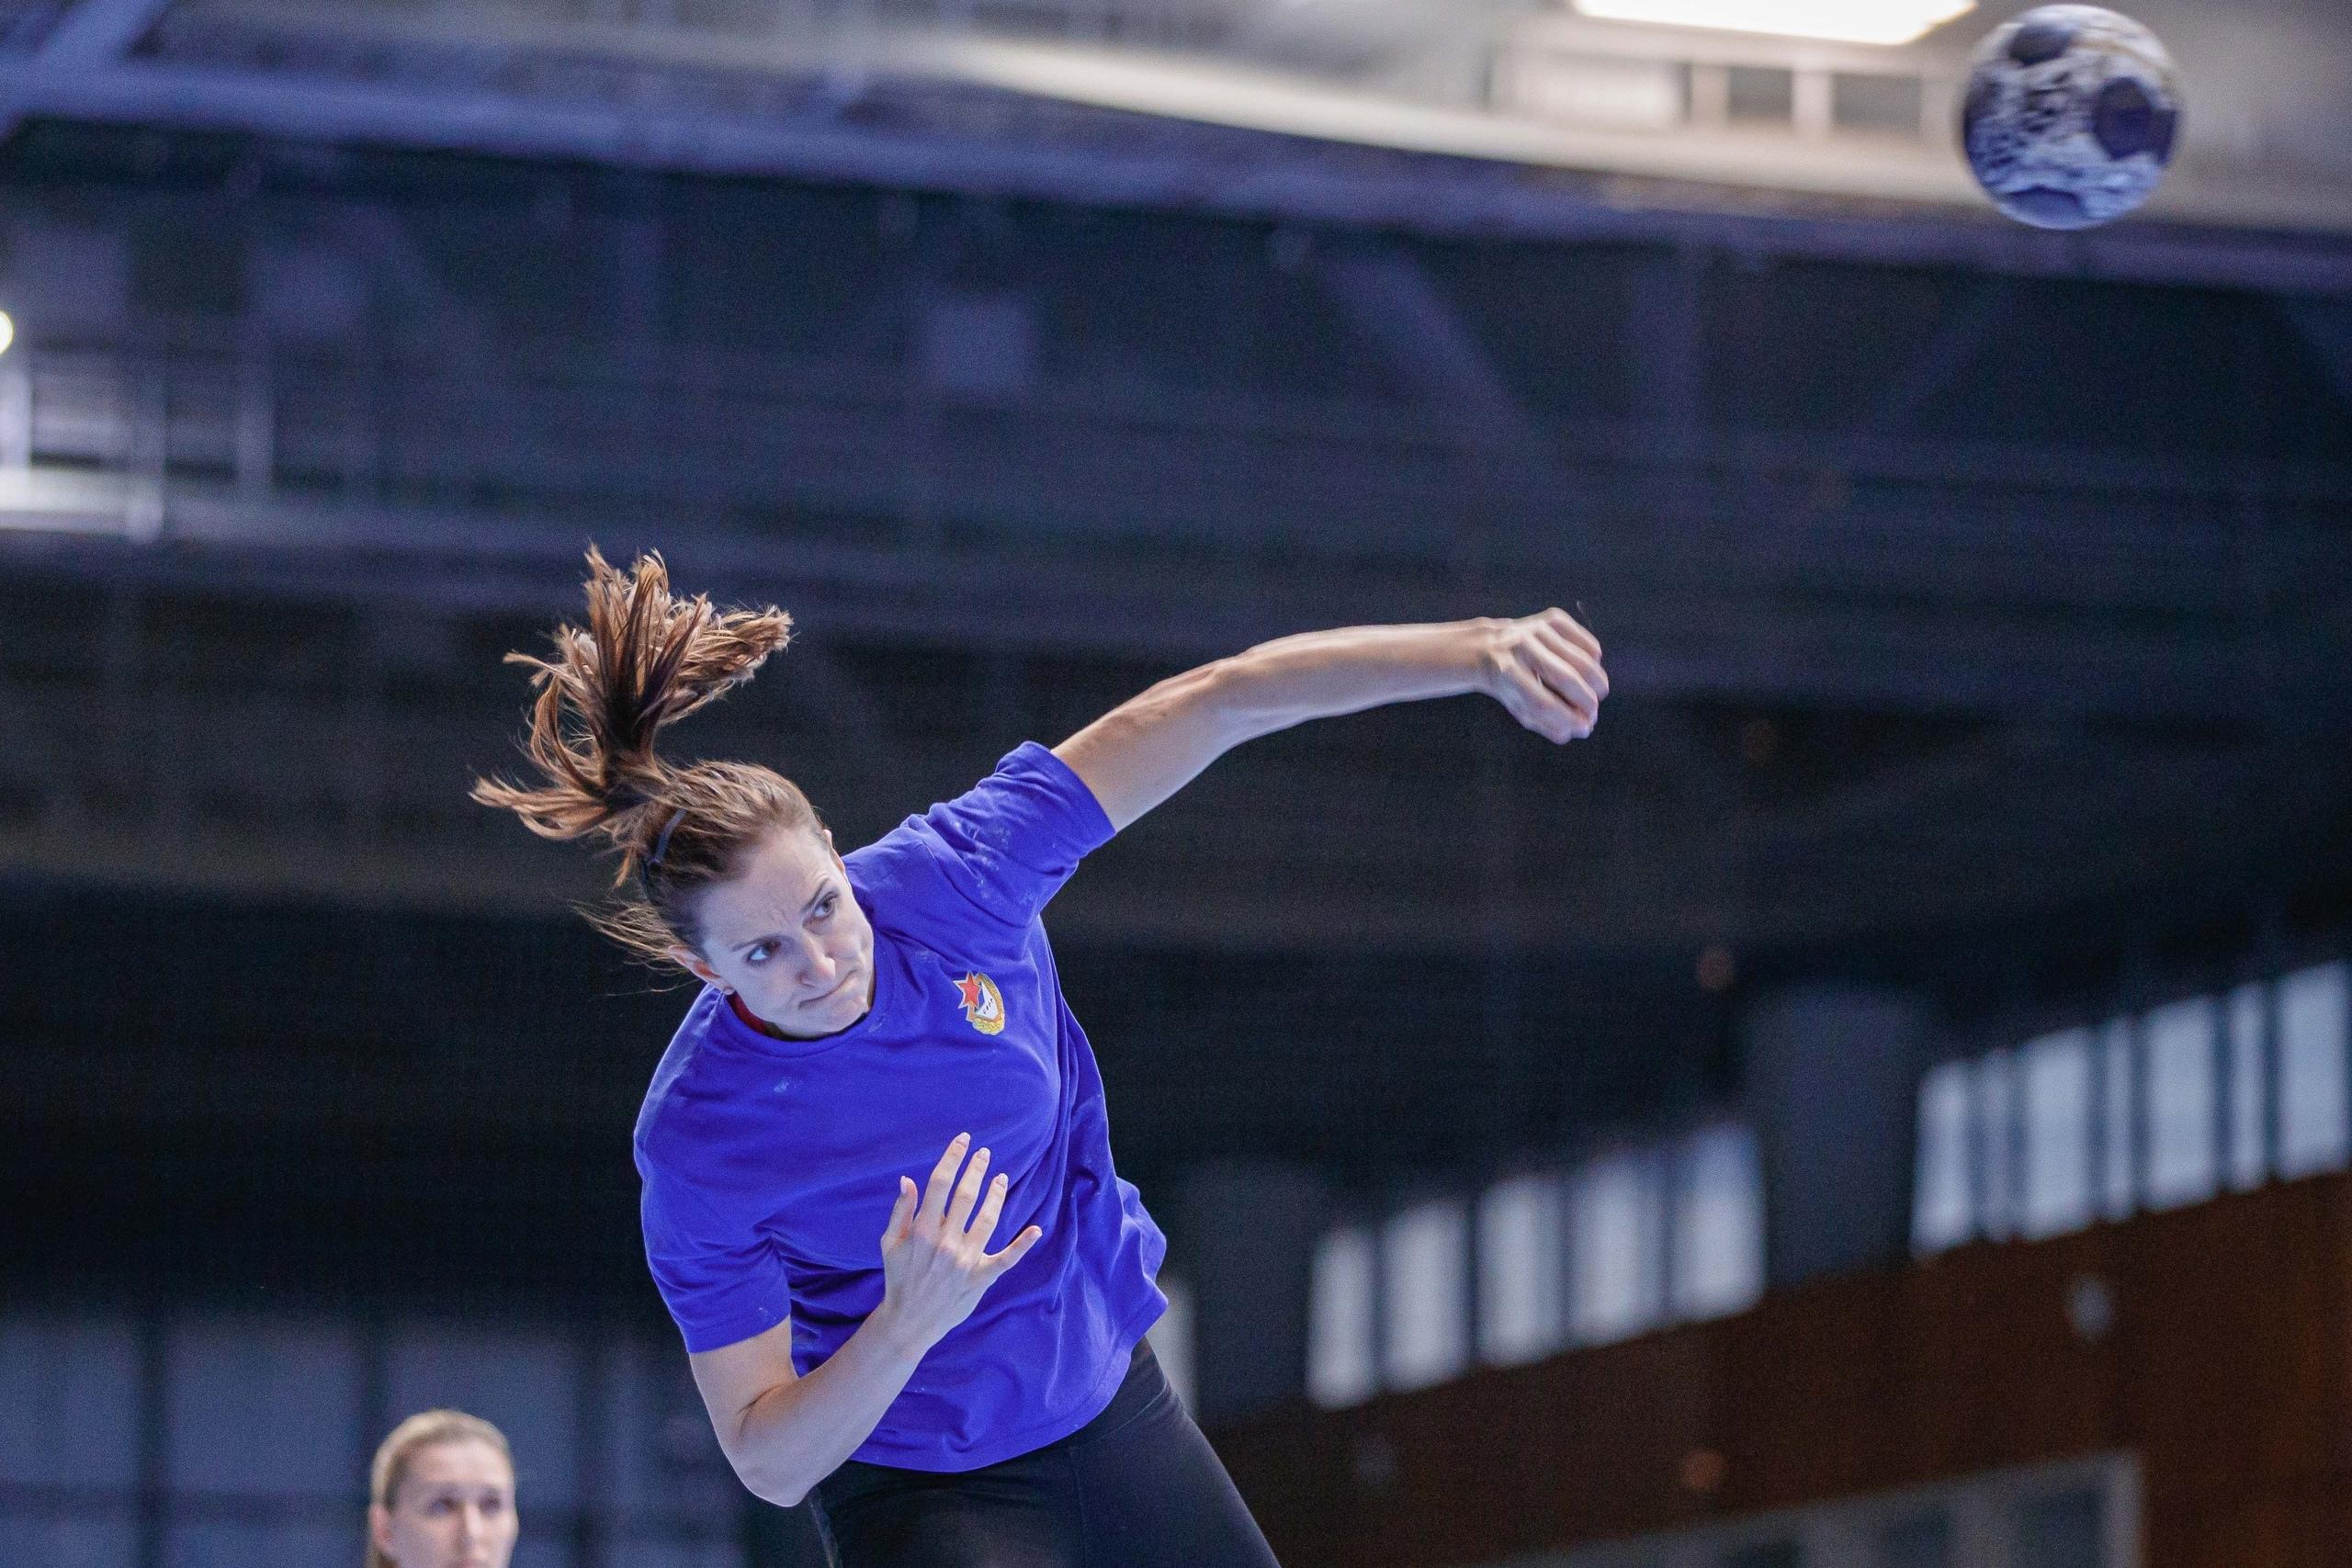 """Ана Грос: """"Рада за Люду Бодниеву, очень ее уважаю. Как бы я ни пасовала в линию, она всегда ловила мяч!"""", изображение №4"""